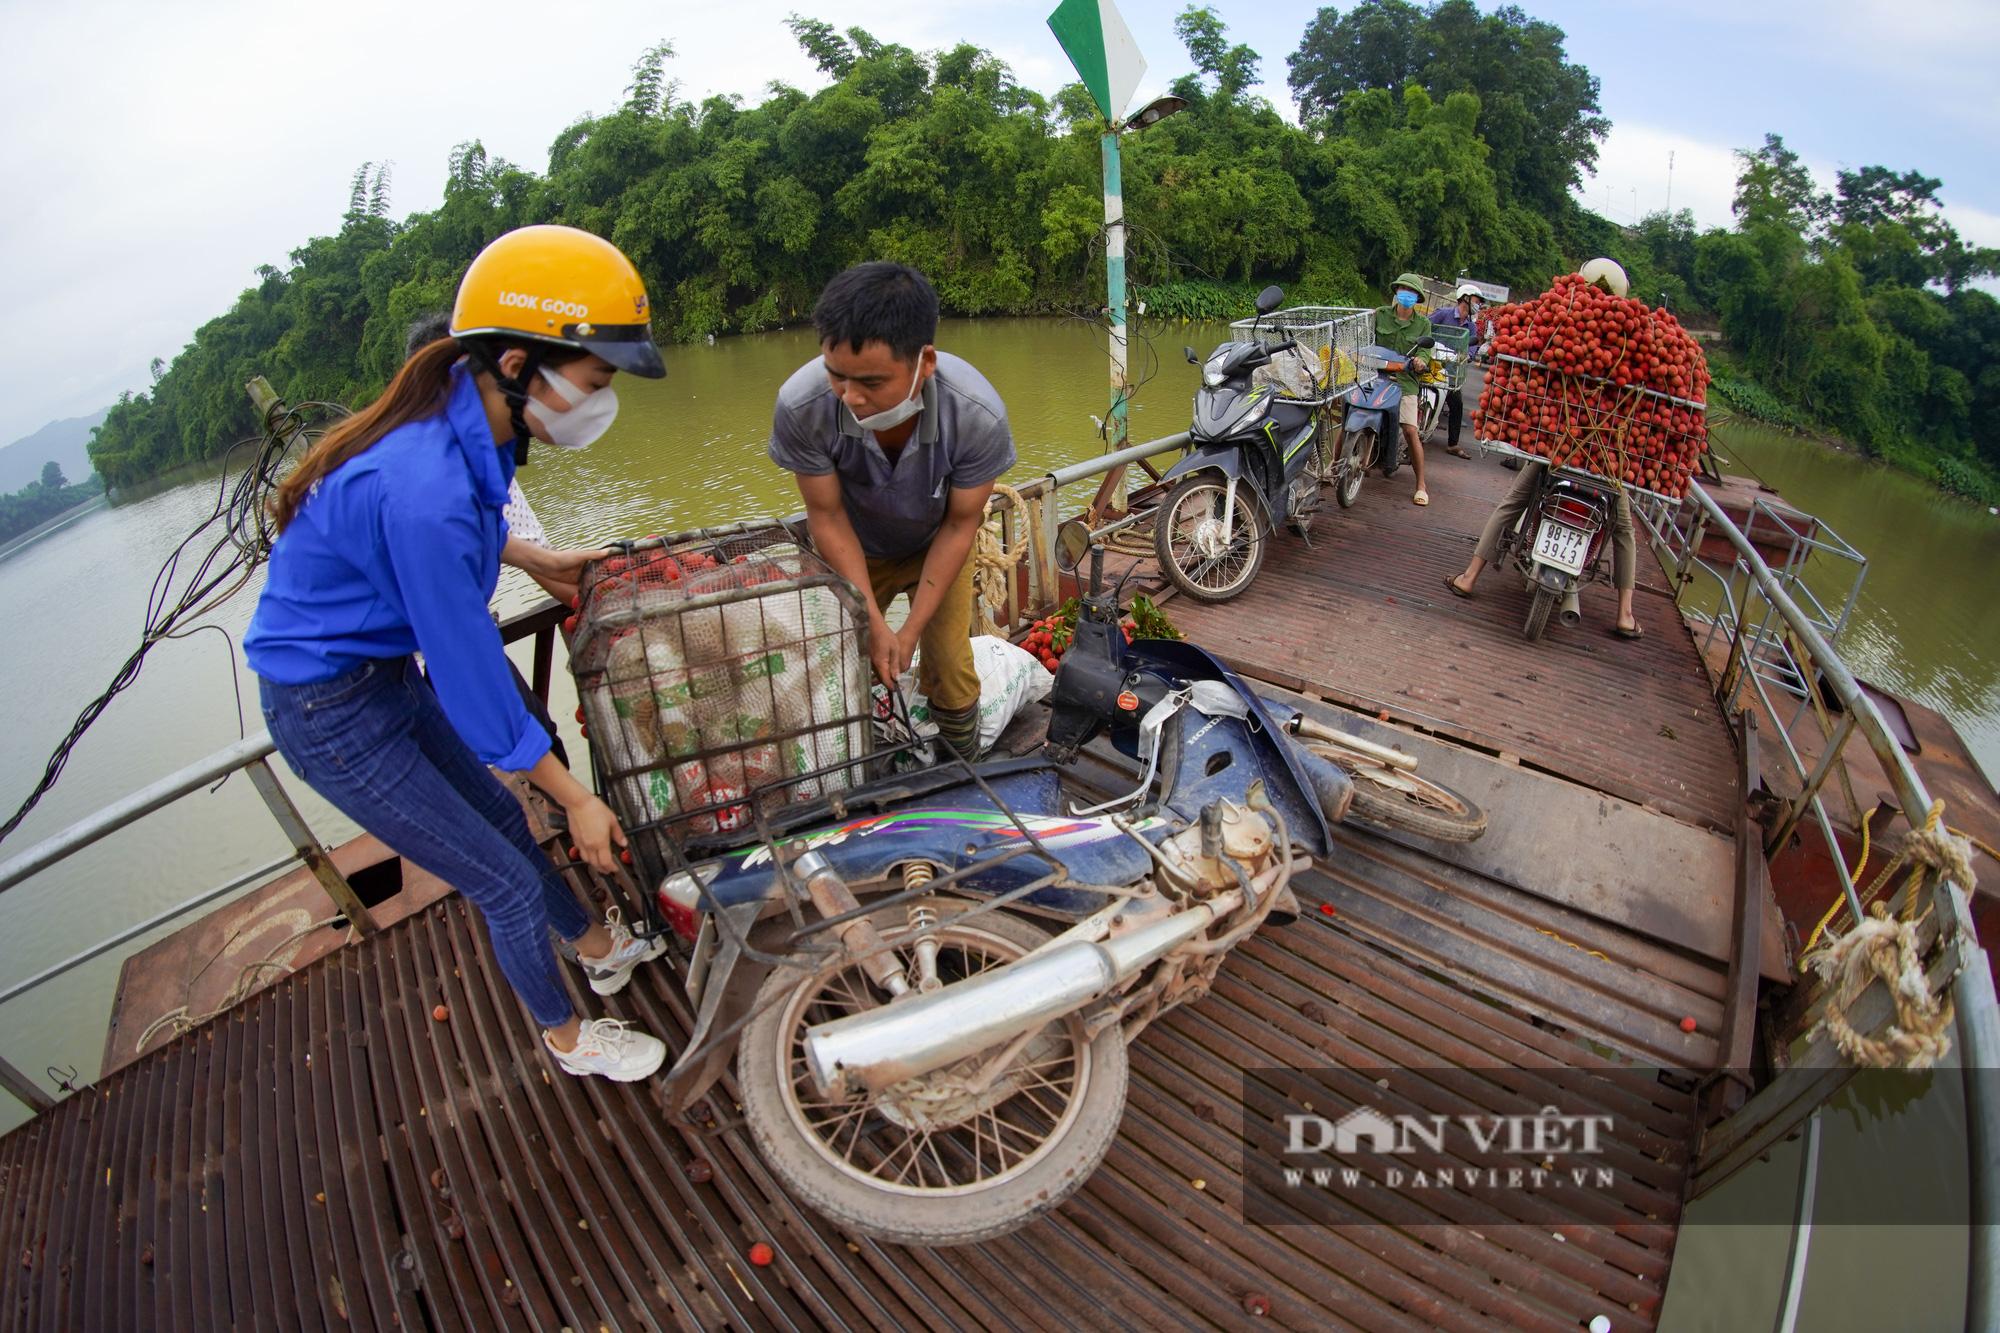 """Người dân """"vồ ếch"""", ngã xuống cầu khi chở vải đi qua cây cầu """"tử thần"""" ở Bắc Giang - Ảnh 5."""